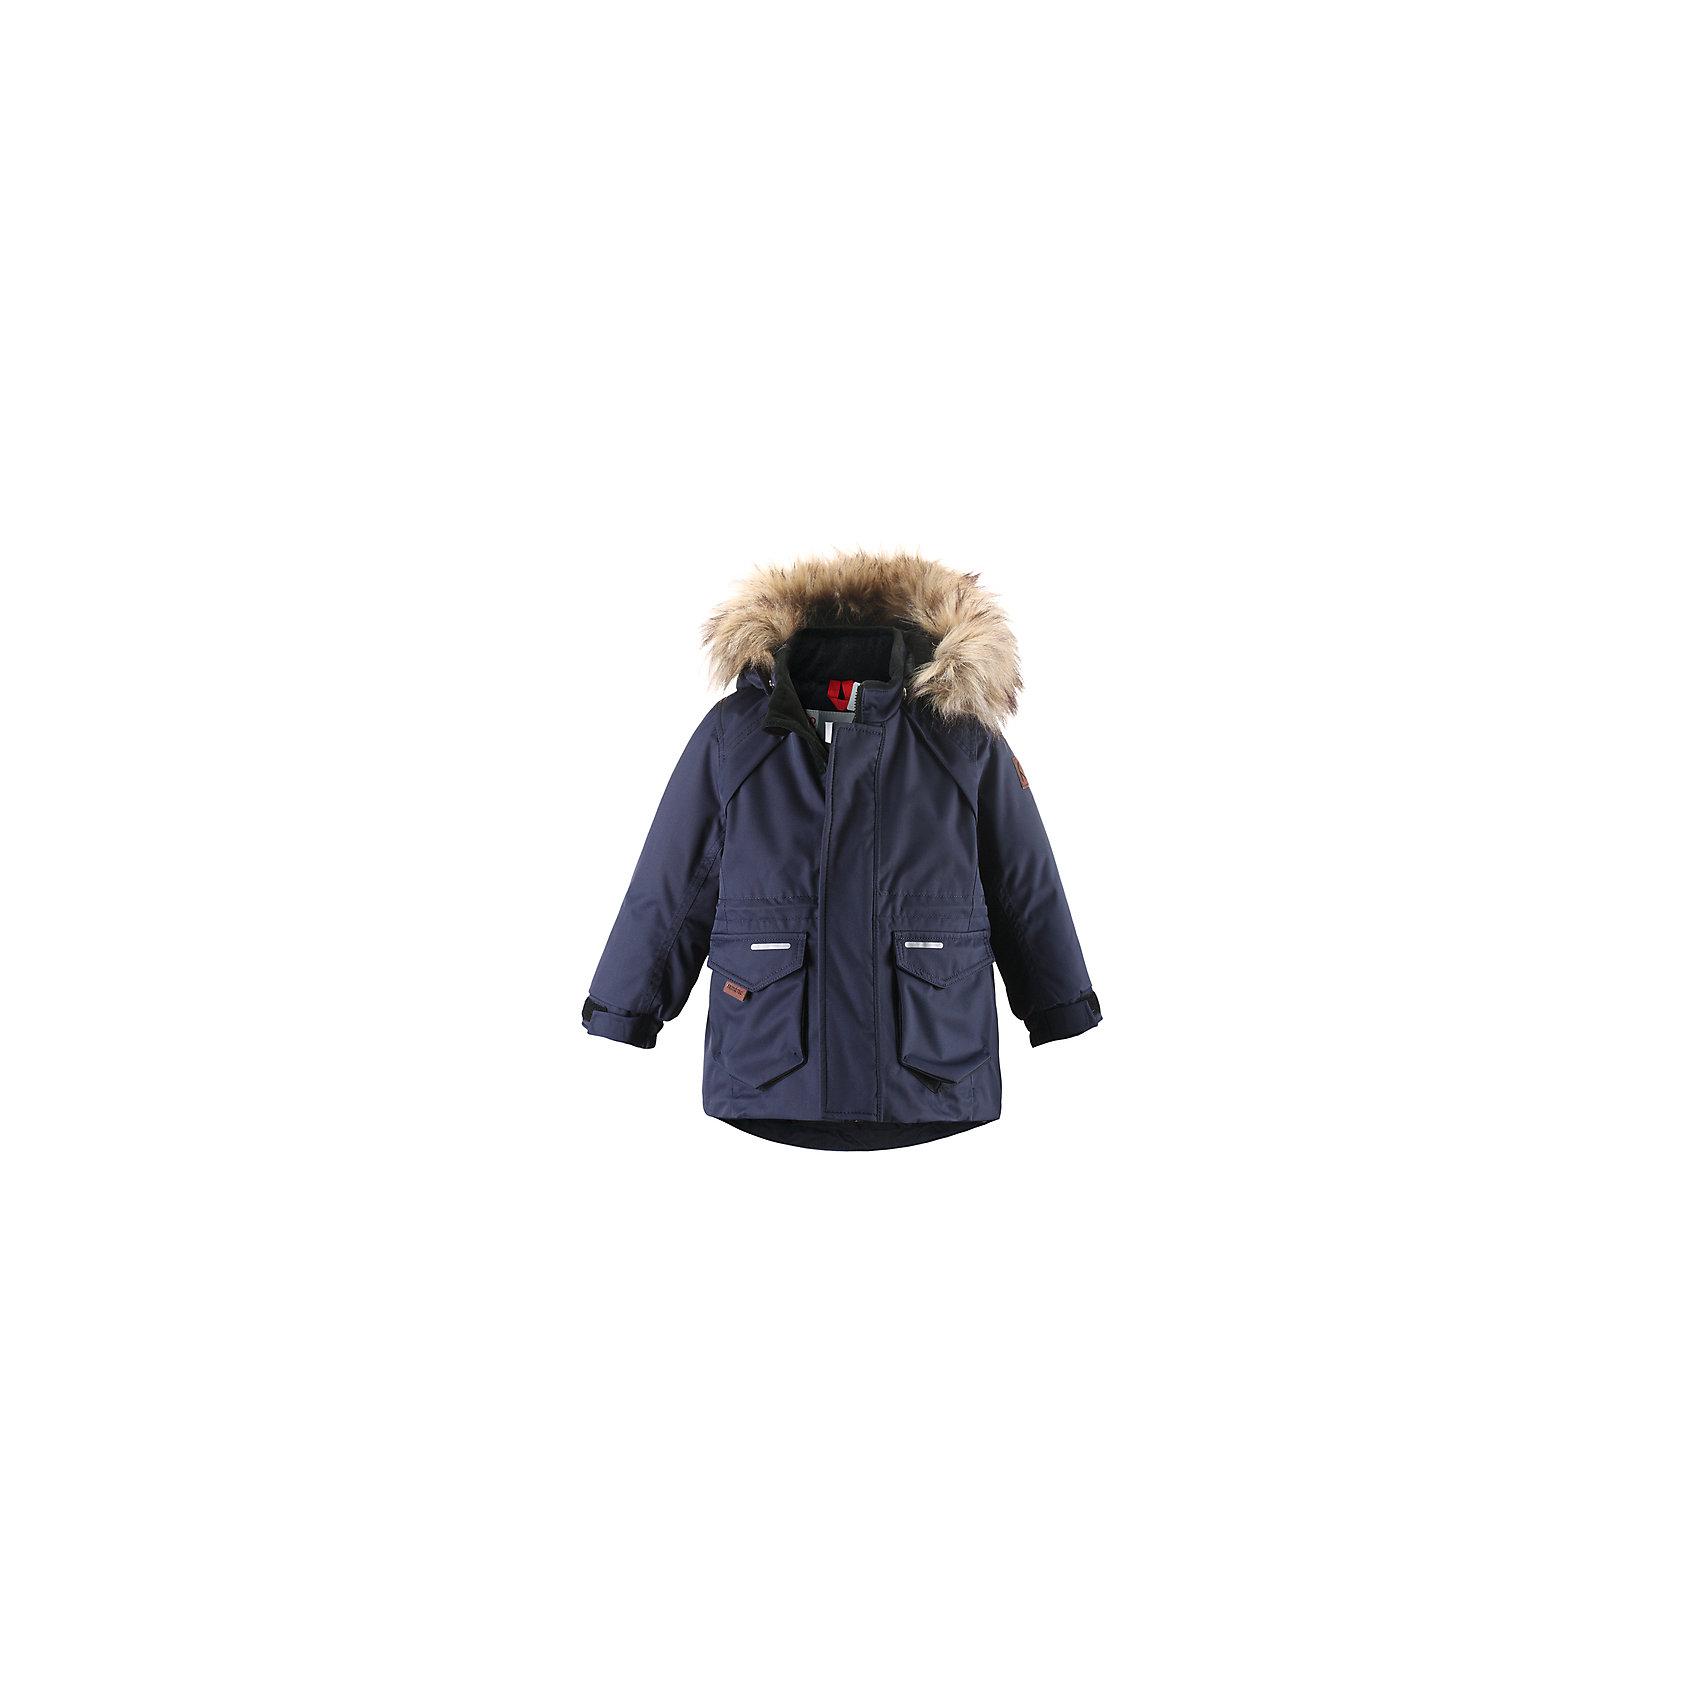 Куртка Reimatec® ReimaКуртка Reimatec (Рейматек) от популярной финской марки Reima.<br>Состав:<br>100% ПА, ПУ-покрытие<br><br>Особенности:<br>водонепроницаемая зимняя куртка<br>все швы проклеены<br>особый крой рукавов<br>отстегивающийся искусственный мех на капюшоне<br>липучки для регулировки манжет<br>отстегивающийся капюшон<br><br>Дополнительная информация:<br>Состав: 100% полиэстер<br>Водонепроницаемость: 12000 мм<br>Воздухонепроницаемость: 8000 г/м/24 ч<br>Износостойкость 30000 об. (тест Мартиндейла)<br>Водо и грязеотталкивающая пропитка<br>Утеплитель: 140 г<br>Температурный режим: до -20<br><br>Куртку Reimatec (Рейматек) Reima (Рейма) можно купить в нашем магазине.<br><br>Ширина мм: 356<br>Глубина мм: 10<br>Высота мм: 245<br>Вес г: 519<br>Цвет: синий<br>Возраст от месяцев: 6<br>Возраст до месяцев: 9<br>Пол: Мужской<br>Возраст: Детский<br>Размер: 80,74,98,92,86<br>SKU: 3924795